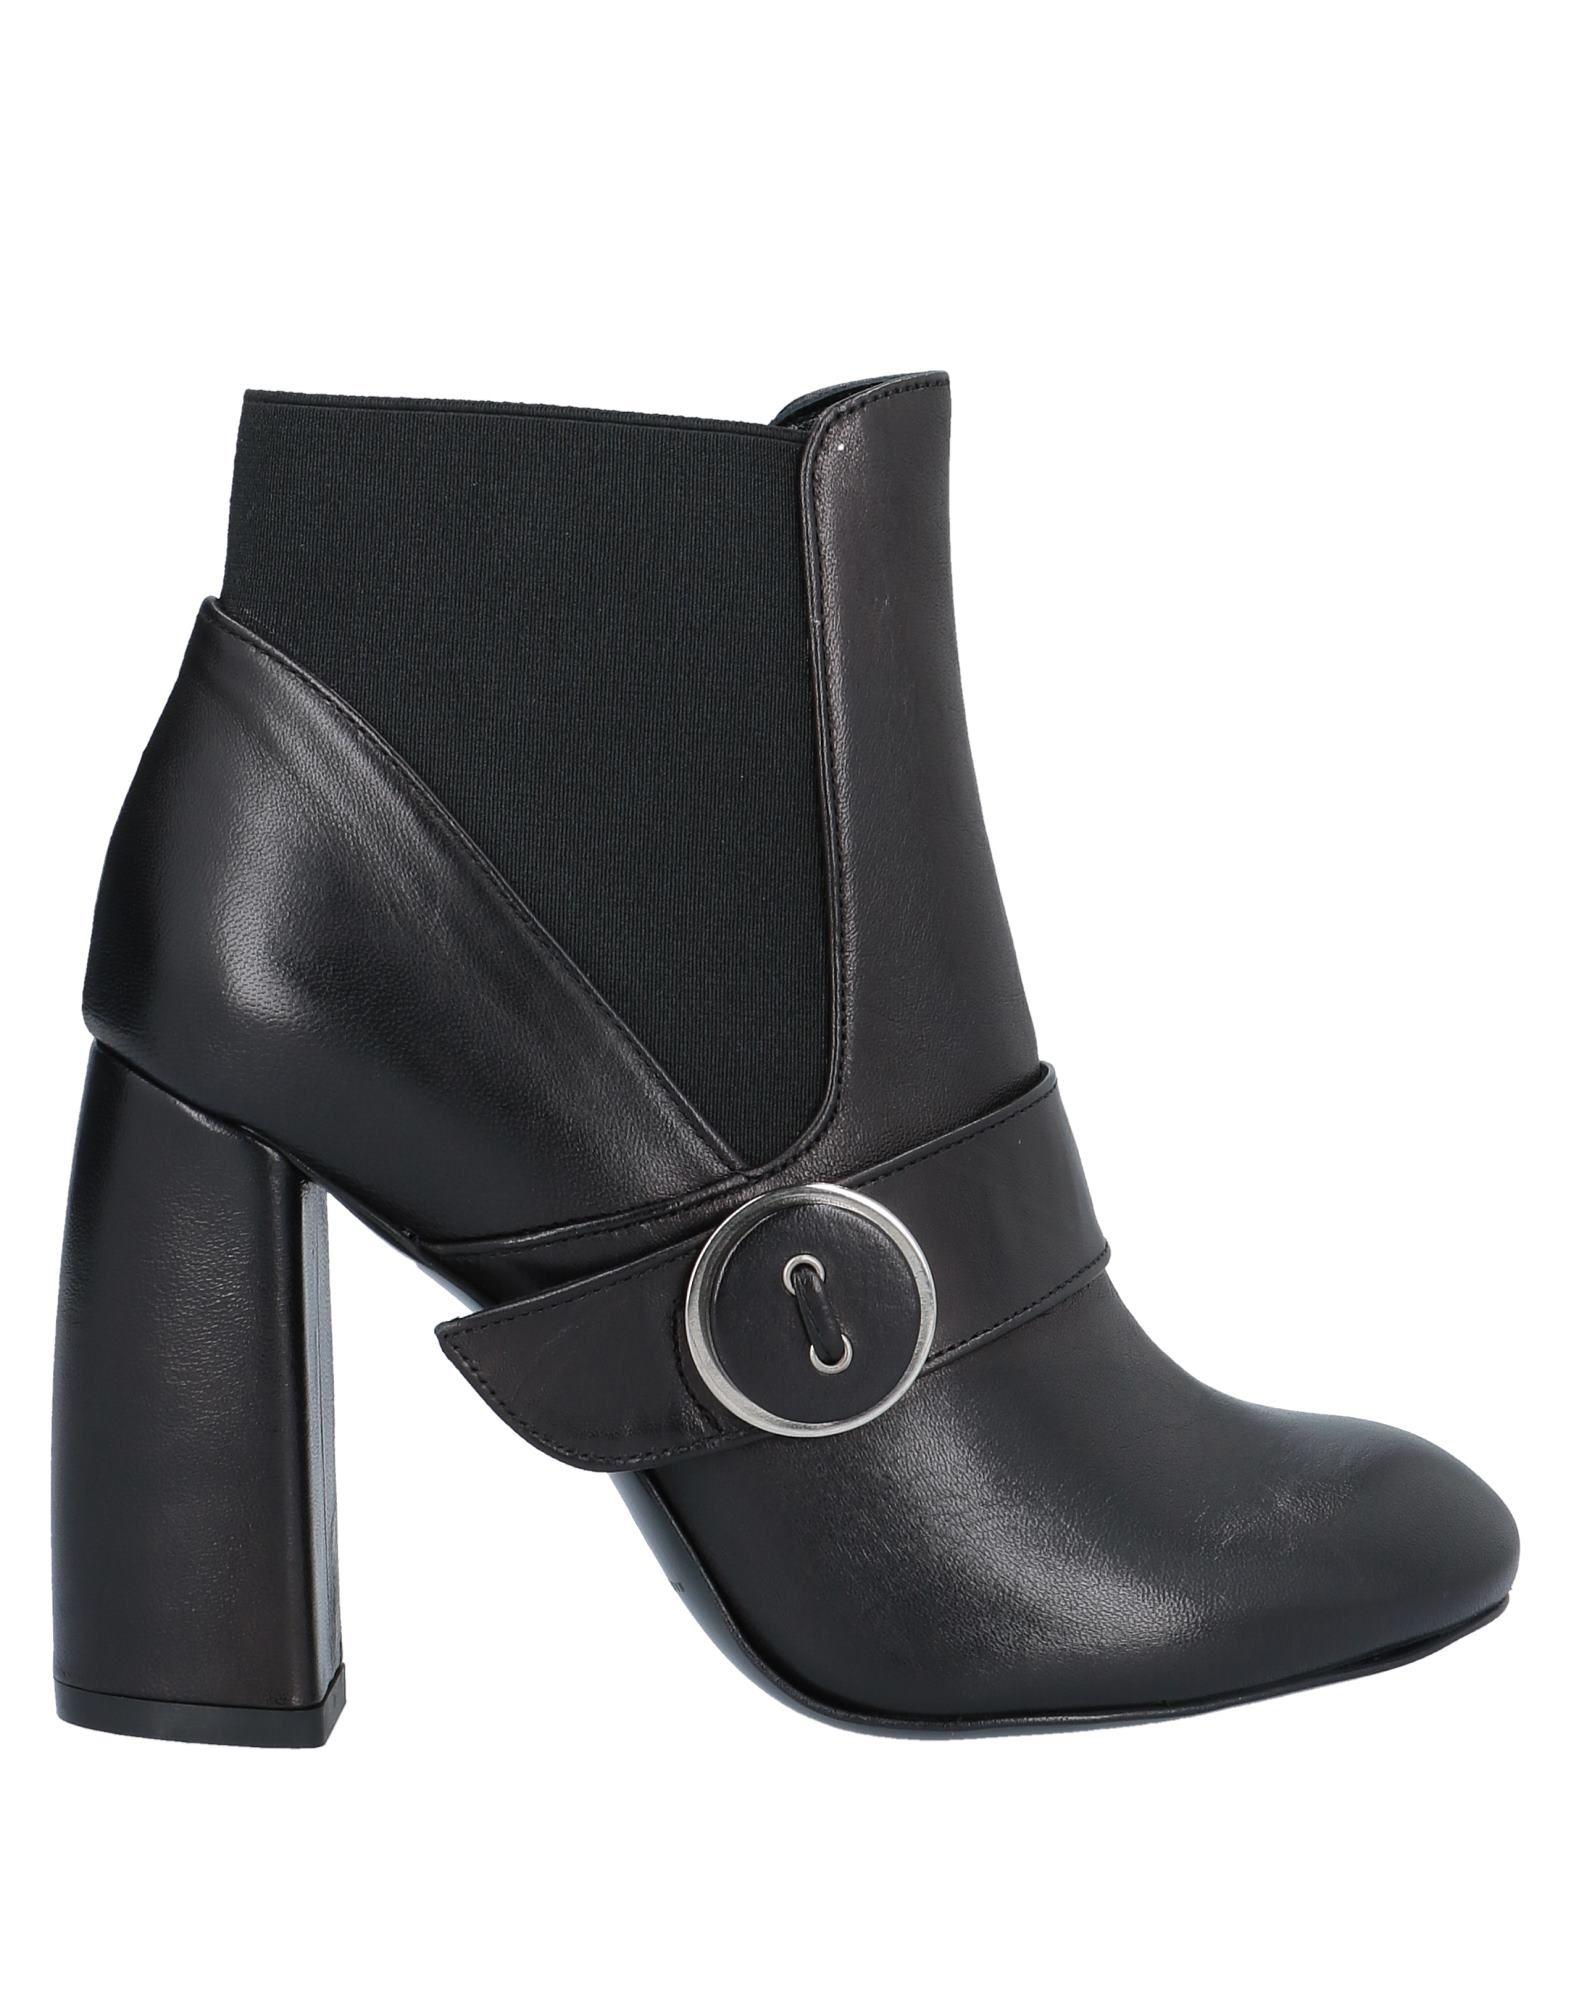 《期間限定セール中》NOA レディース ショートブーツ ブラック 35 革 / 紡績繊維